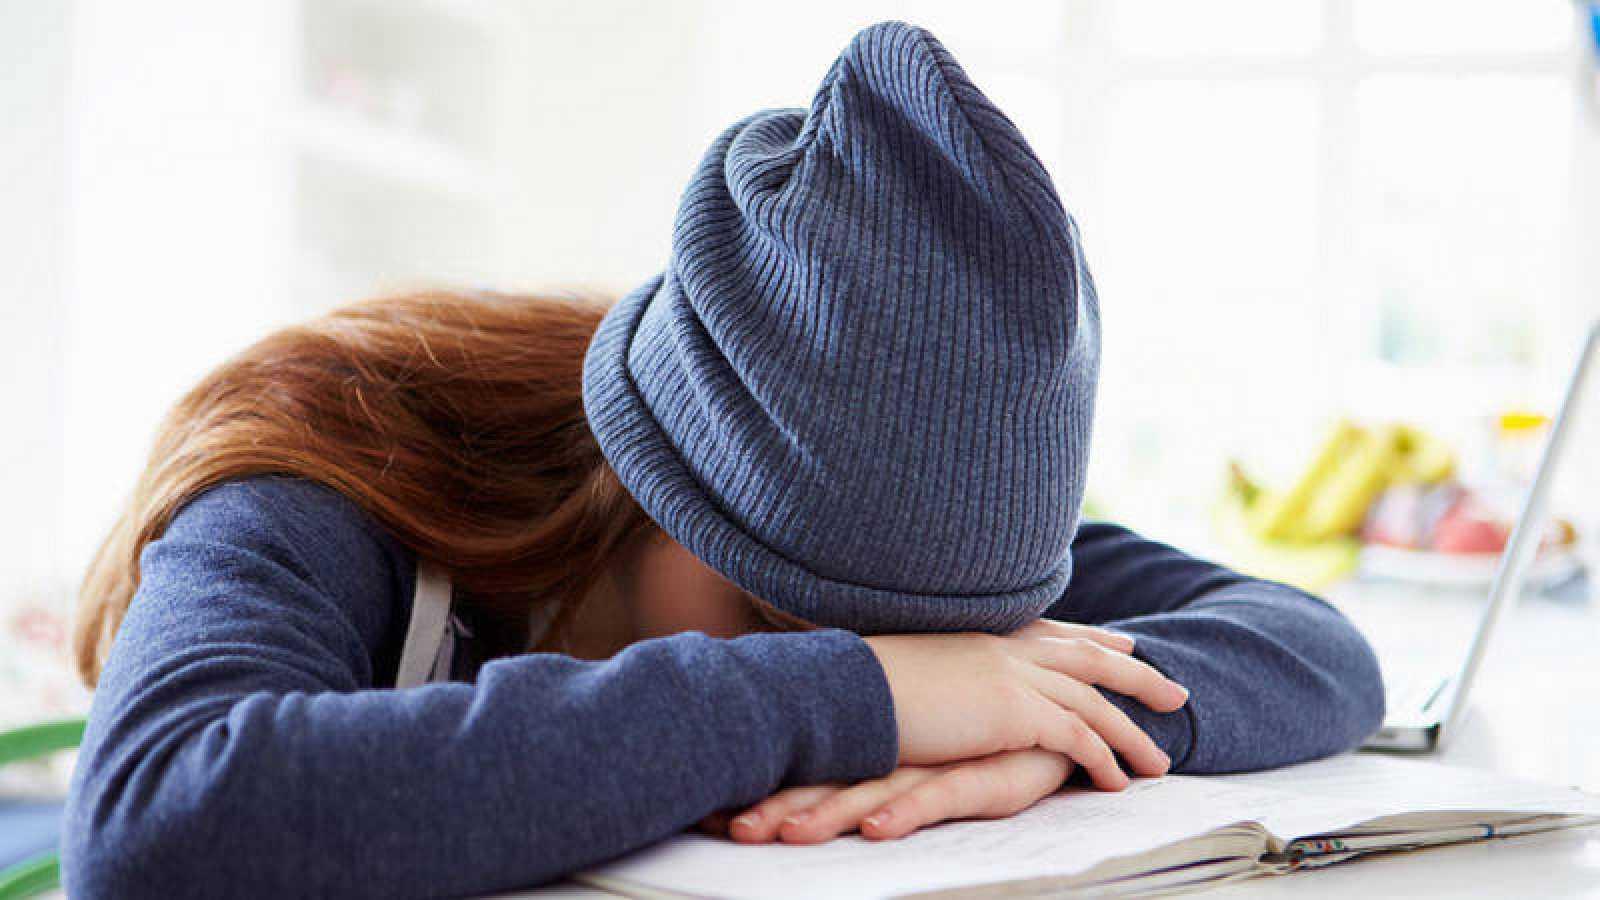 El paso a la edad adulta, el nuevo entorno y las crecientes demandas académicas son retos estresantes para los que inician la etapa universitaria.